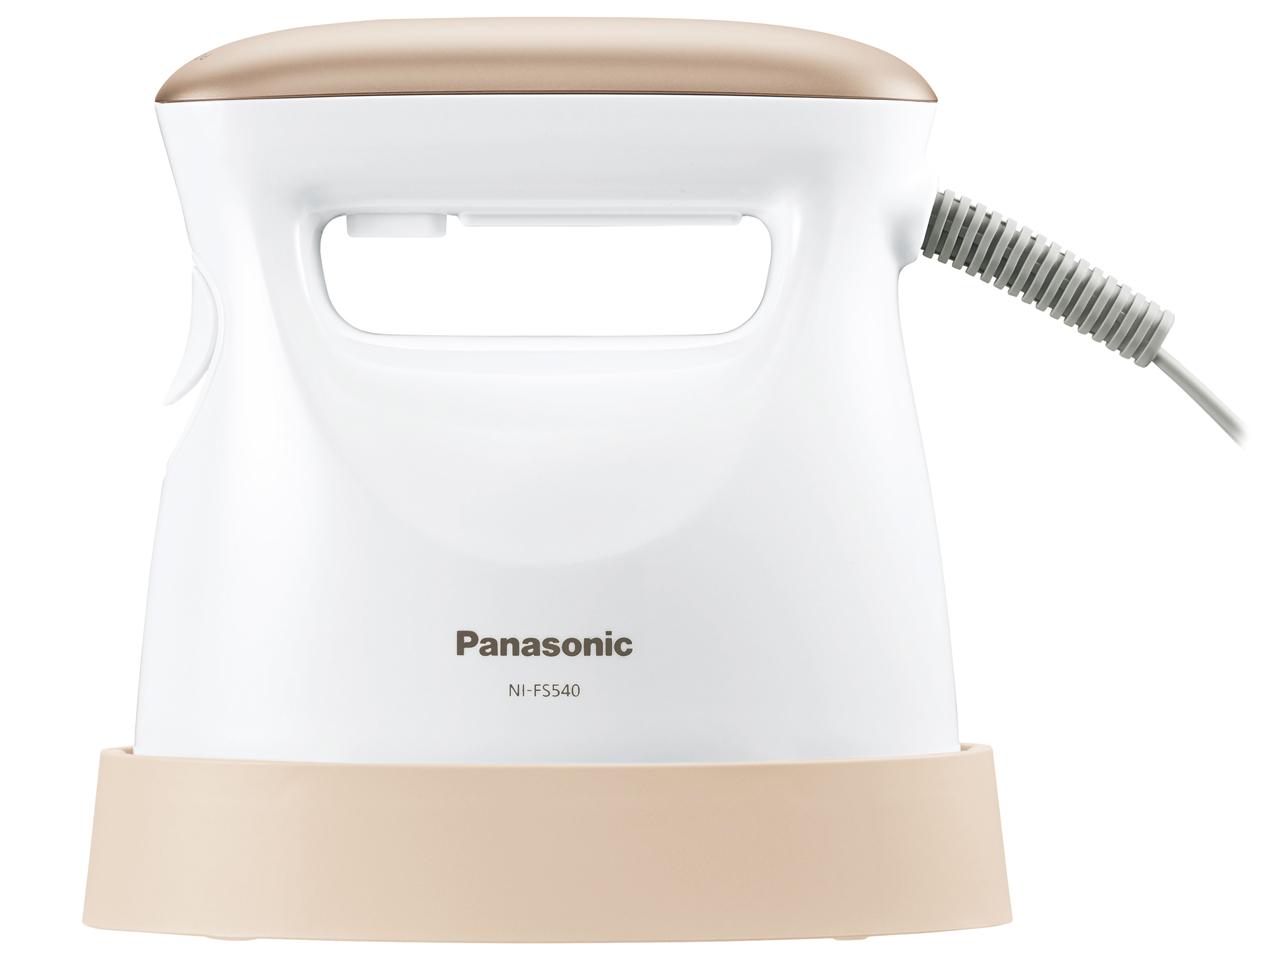 NI-FS540-PN [ピンクゴールド調] の製品画像